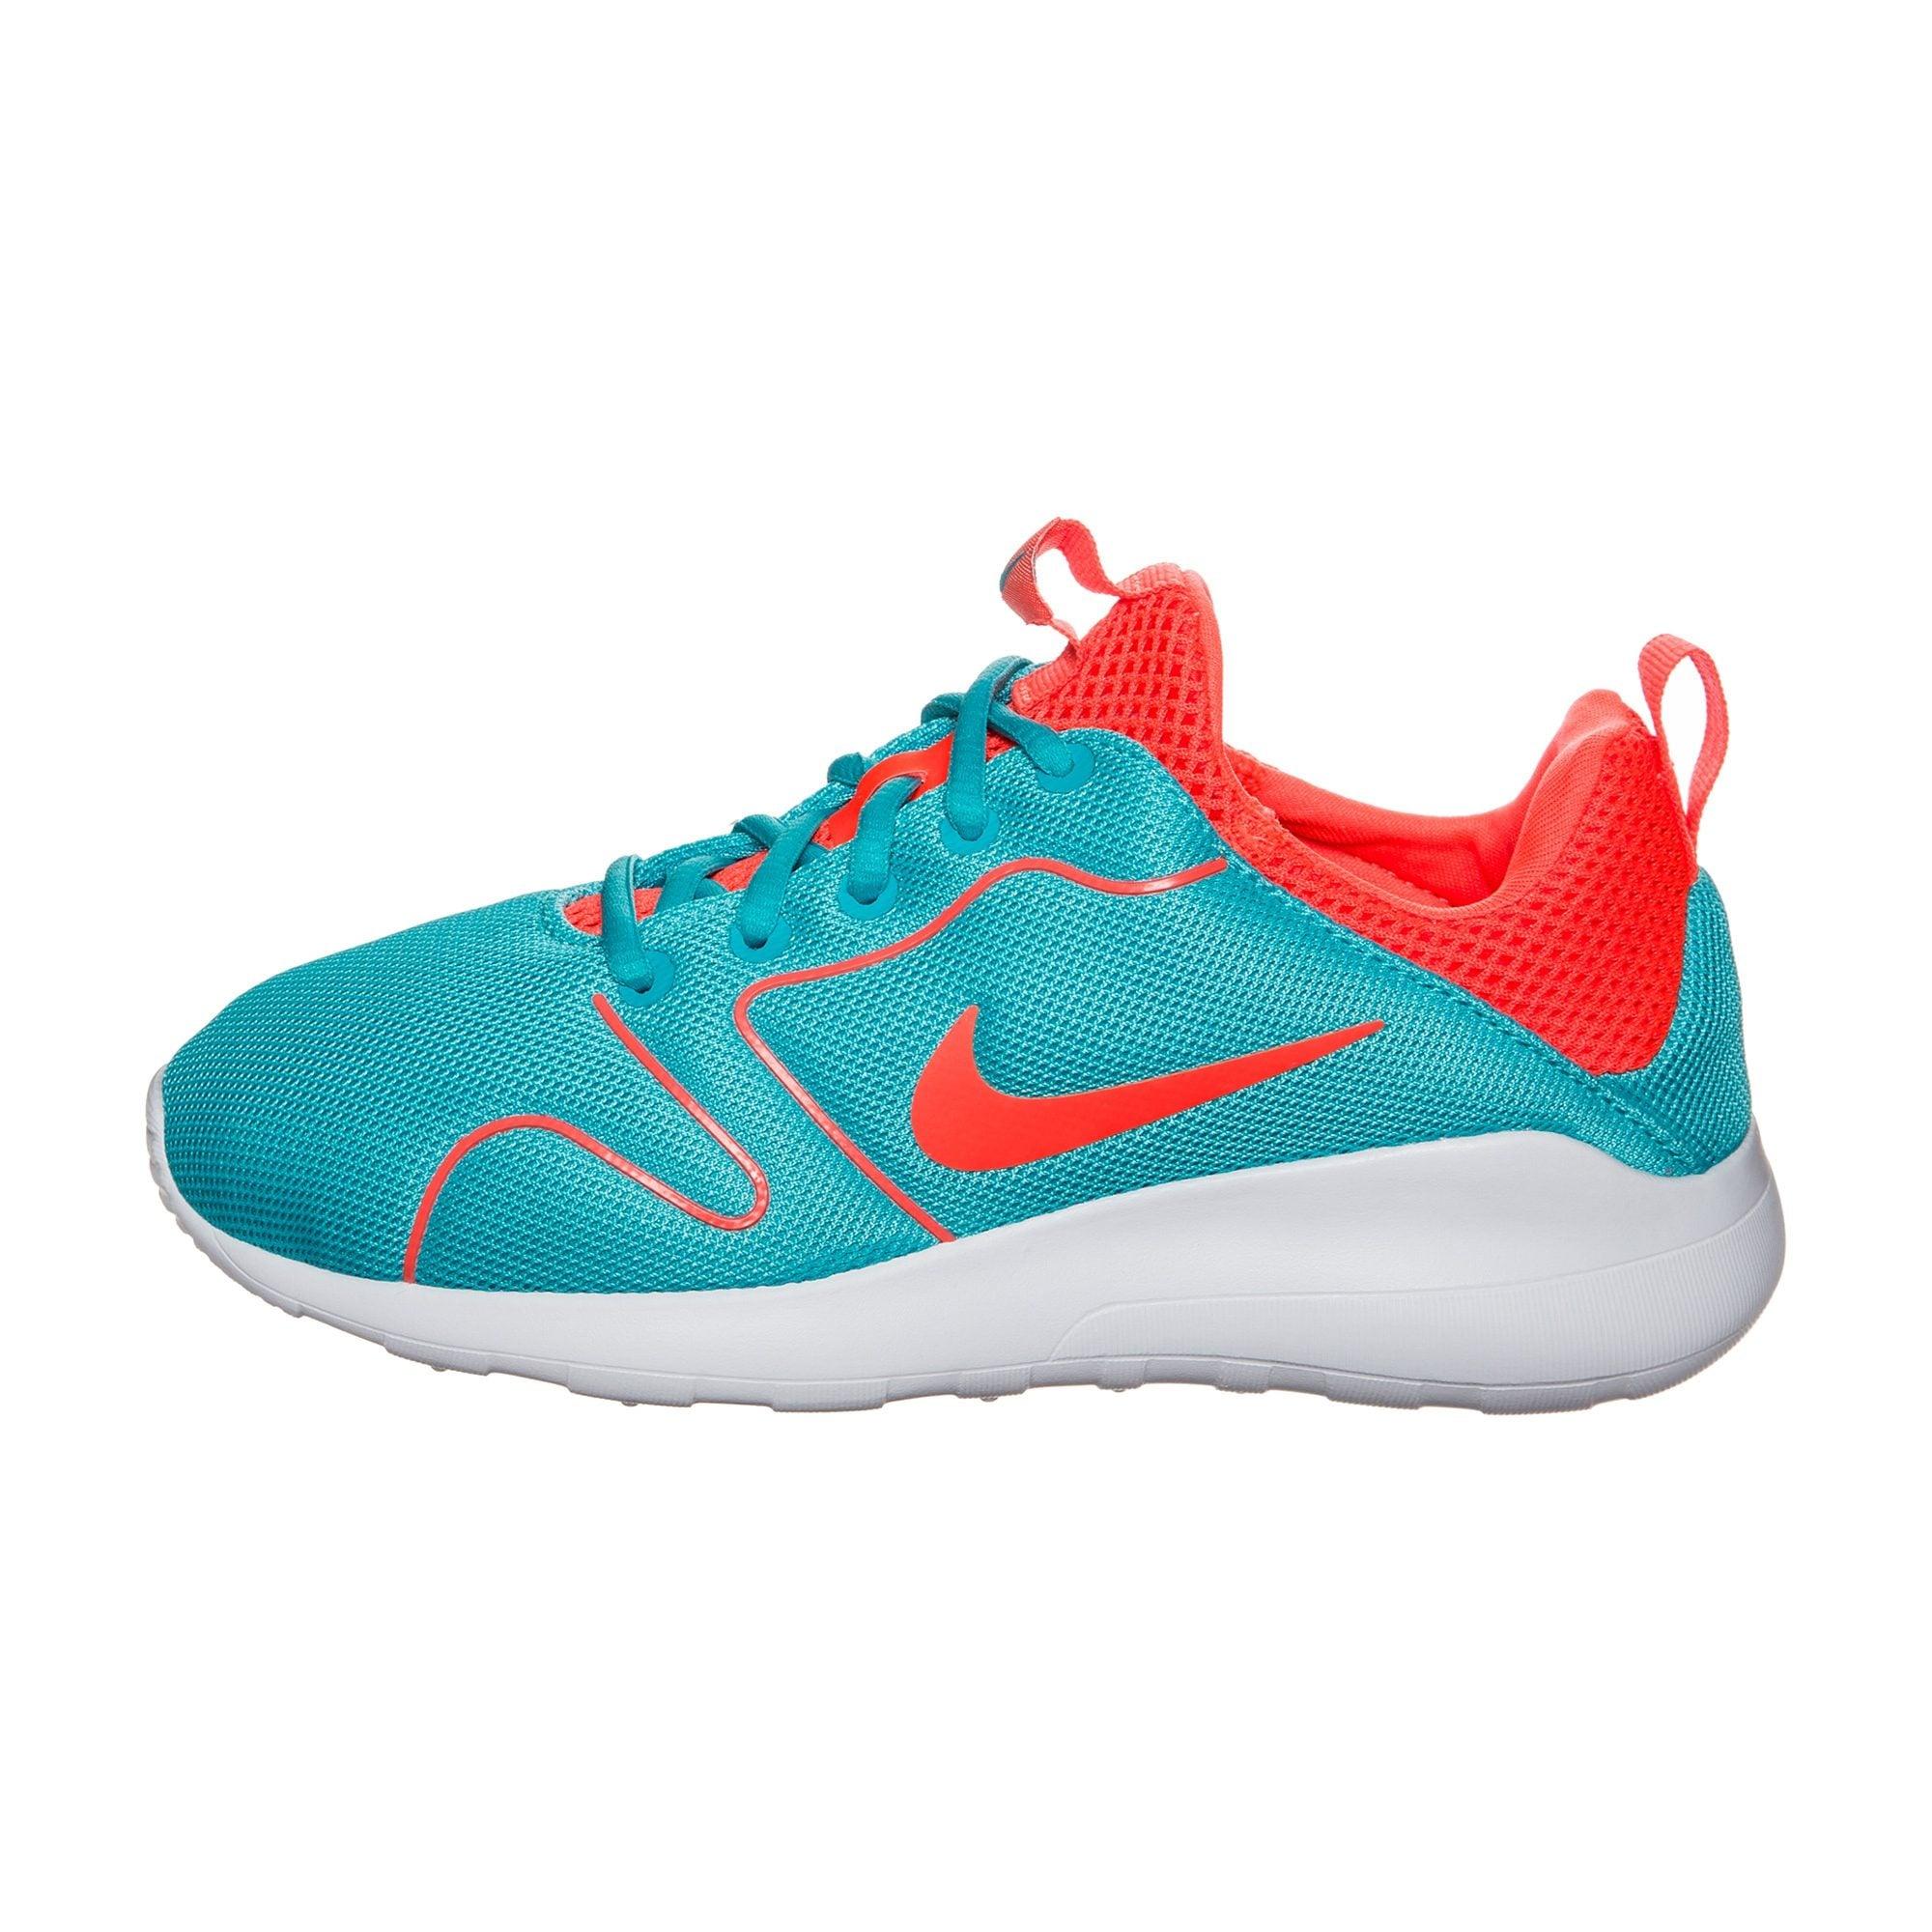 Nike Sportswear Kaishi 2.0 Sneaker Damen   Damen online kaufen | Gutes Preis-Leistungs-Verhältnis, es lohnt sich a50742